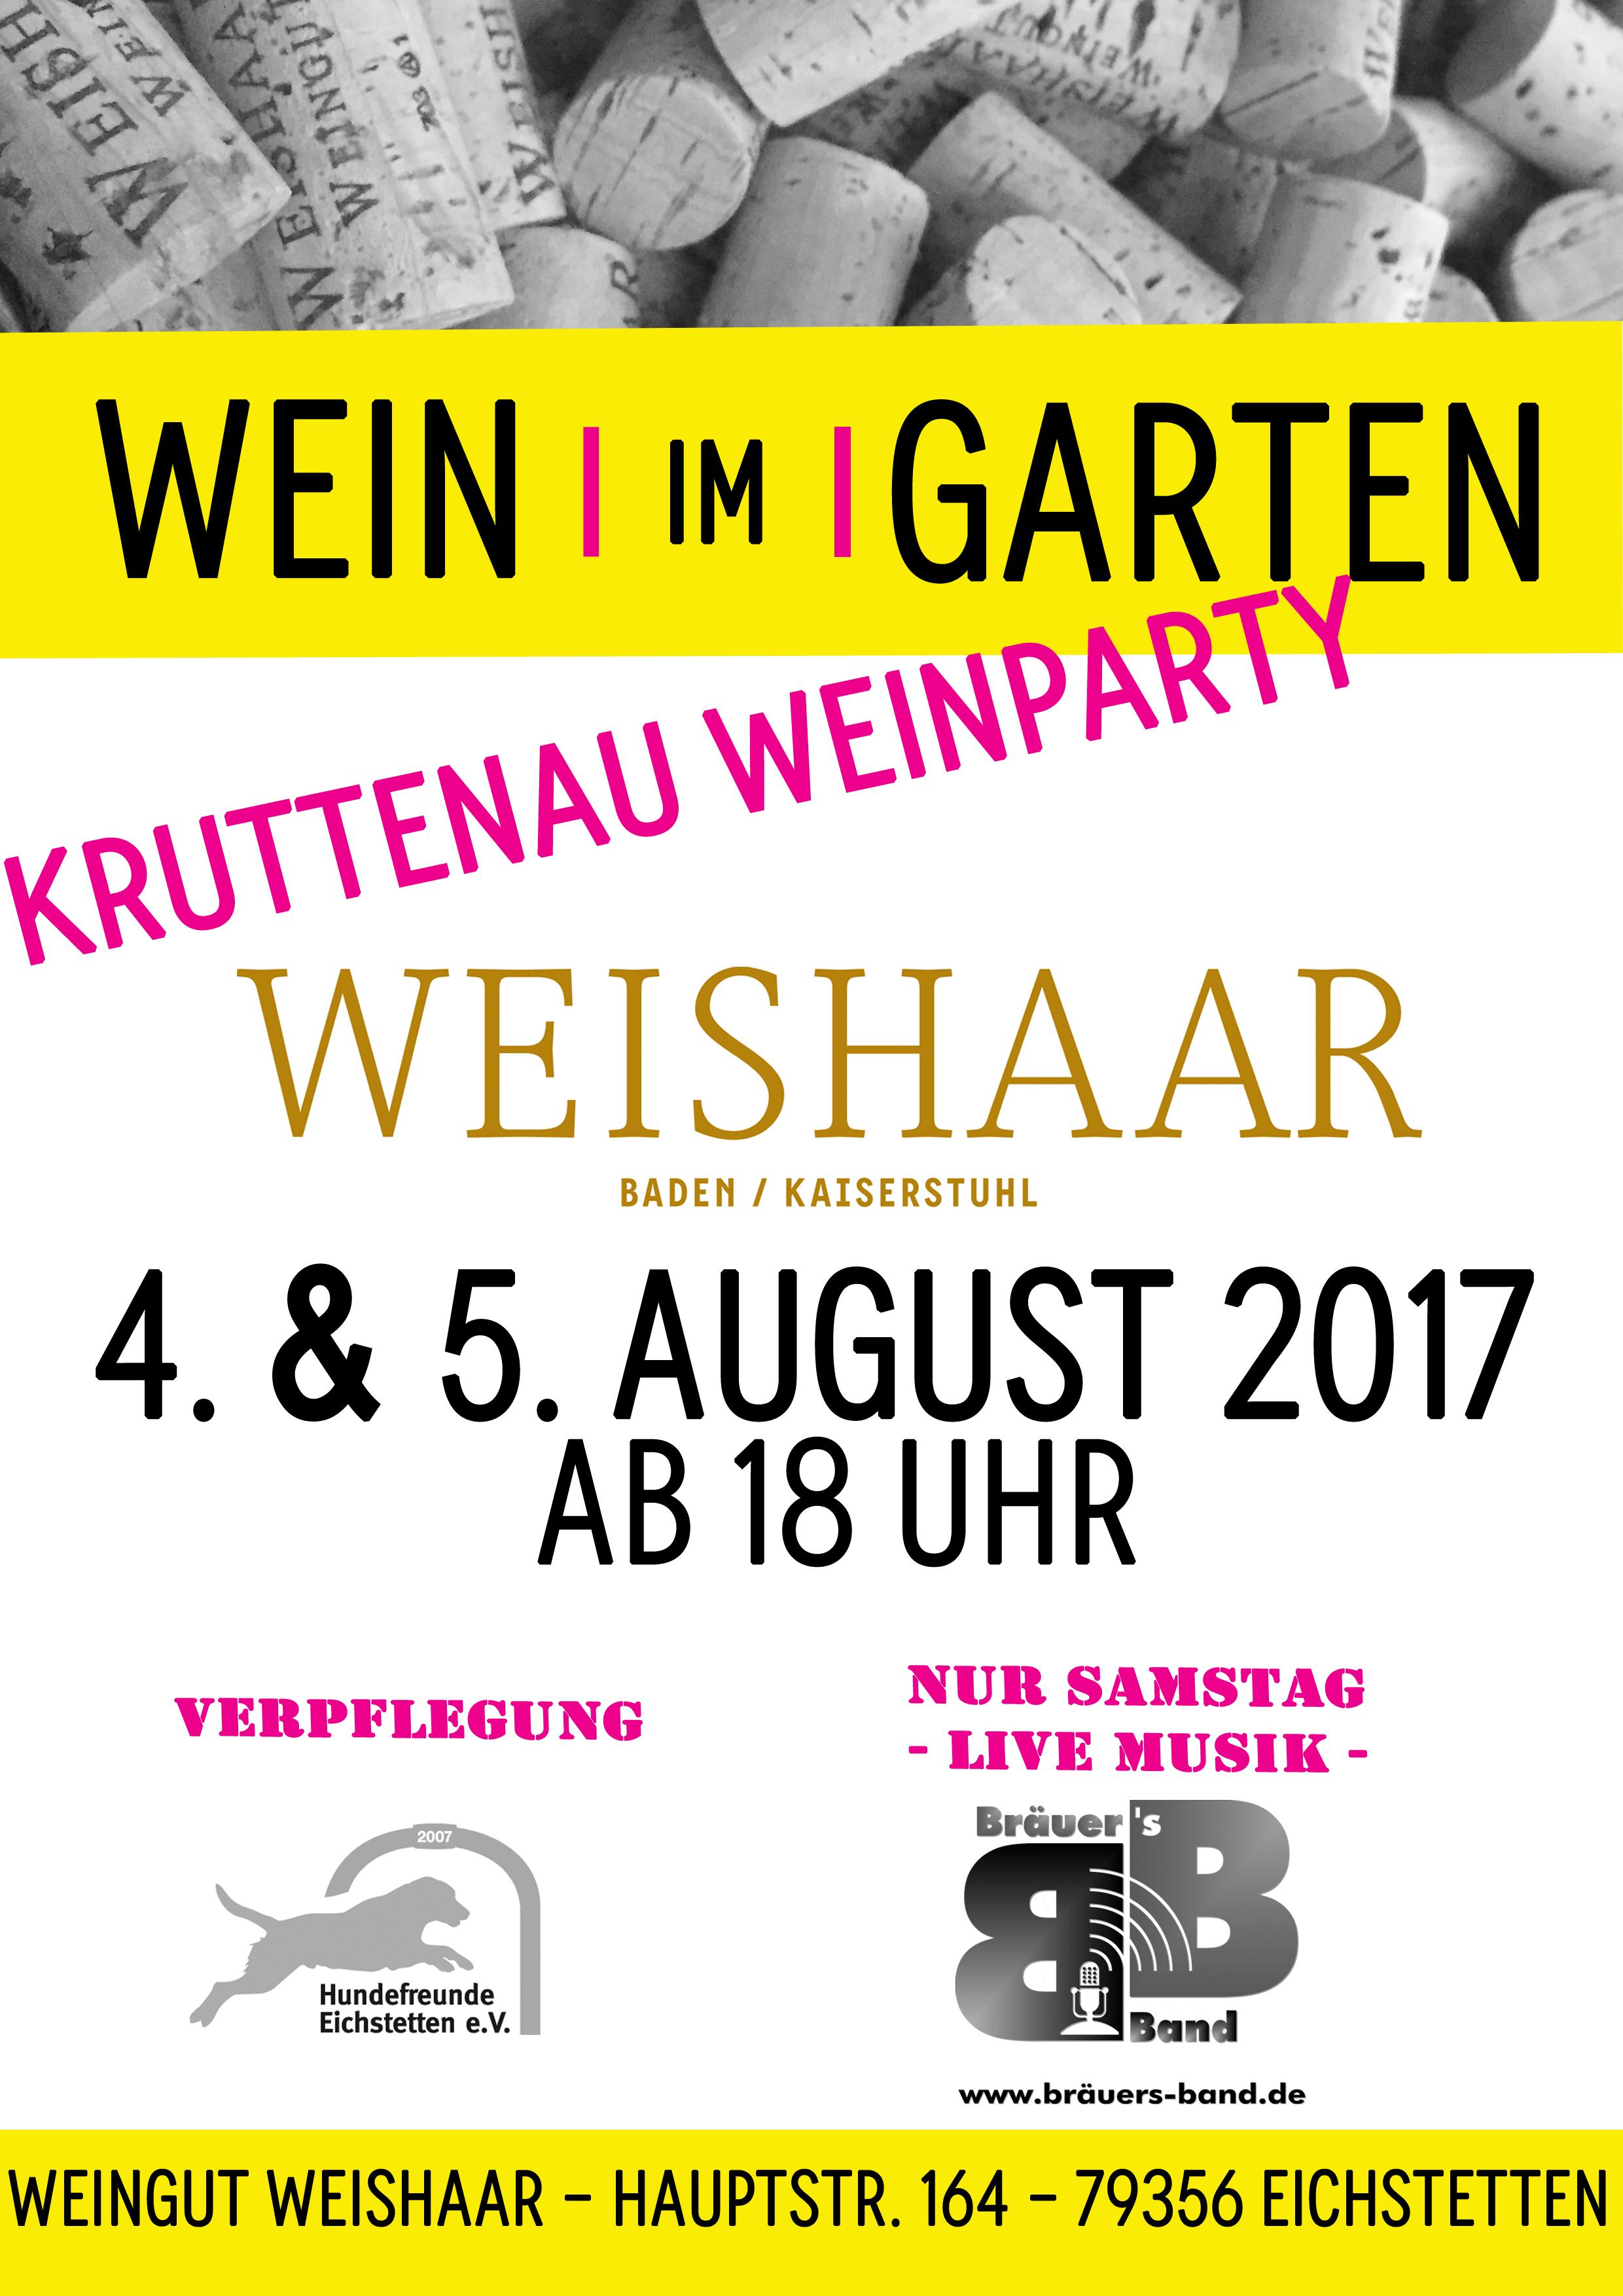 Wein Im Garten – Die Kruttenauweinparty am 4. & 5. August 2017